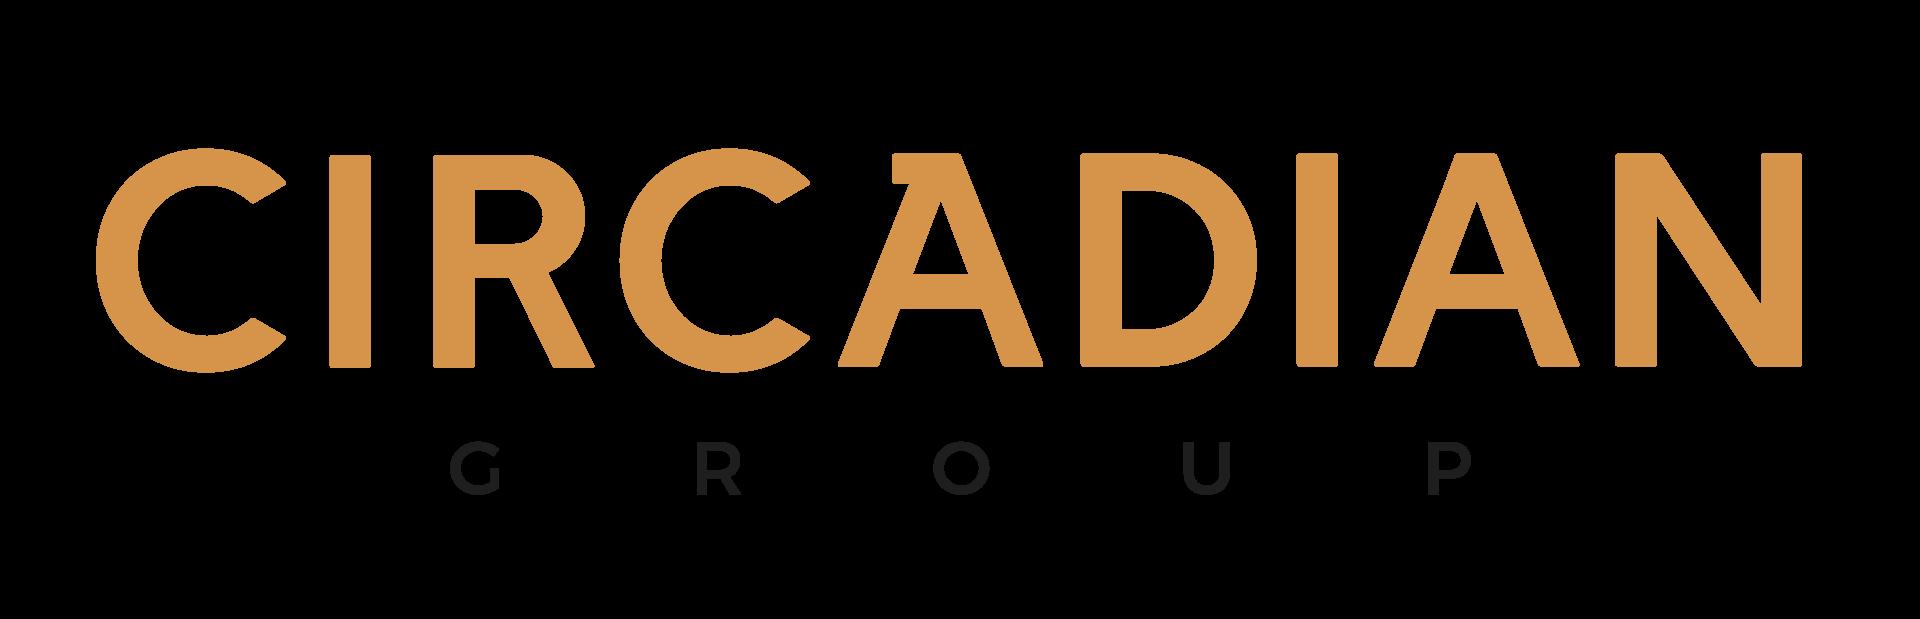 Circadian Group Logo